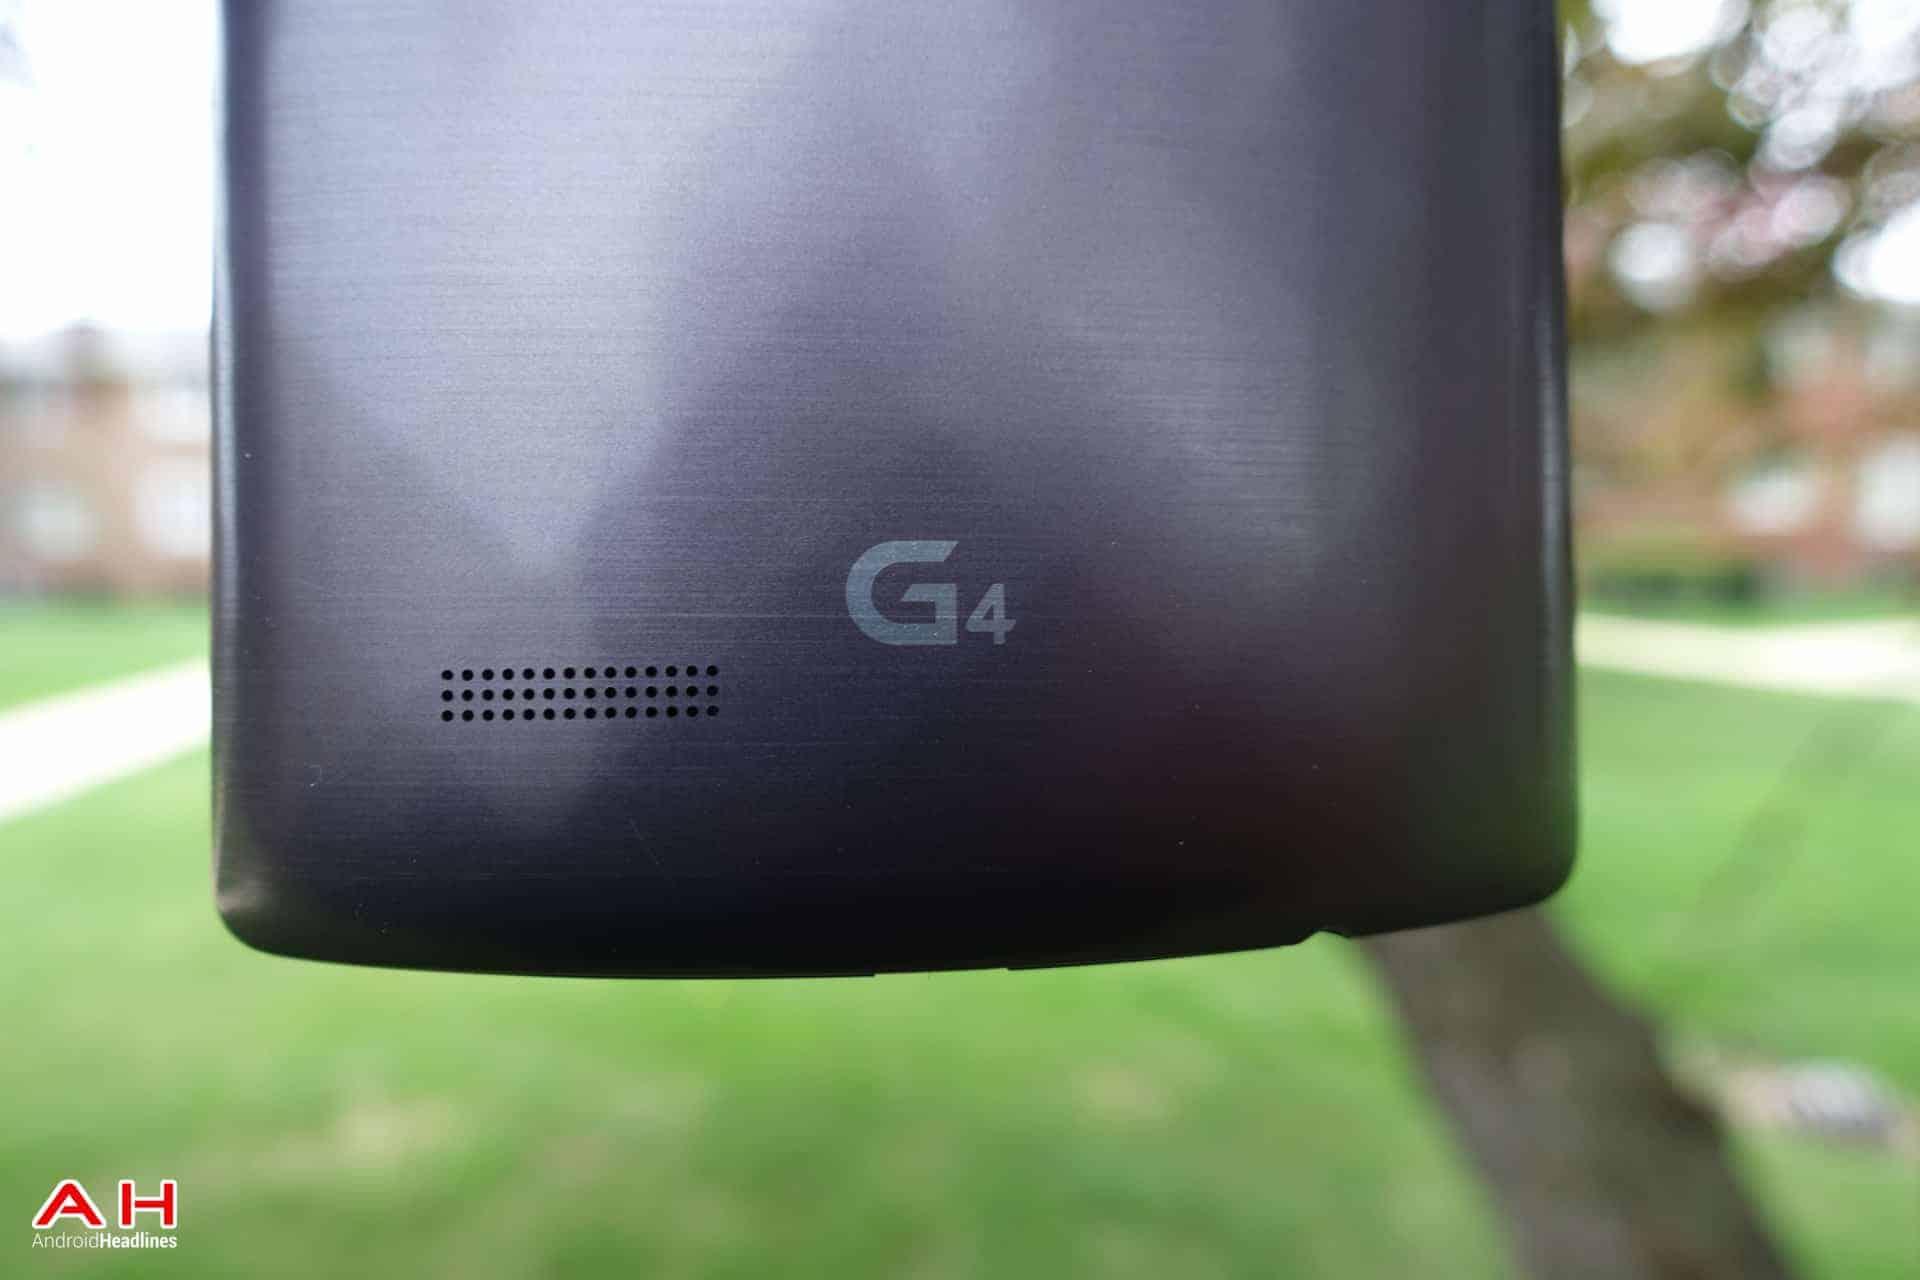 LG-G4-Review-AH-7